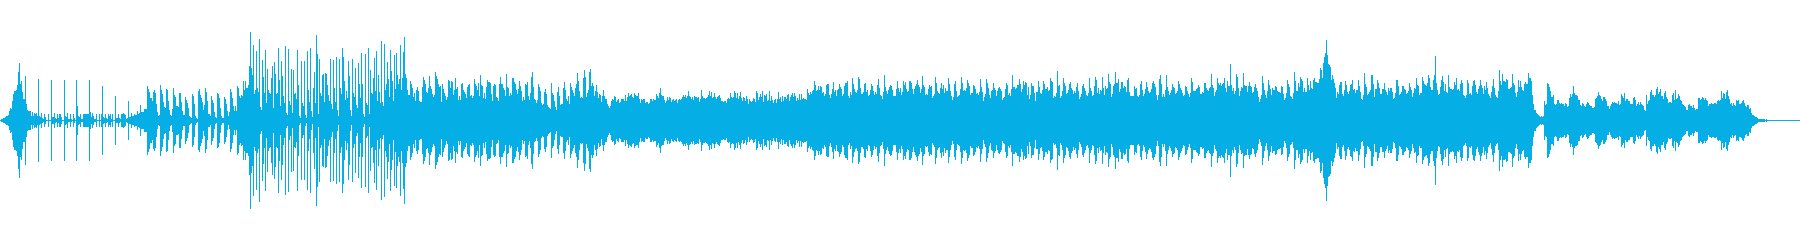 ドラムから始まるポップなEDMの再生済みの波形